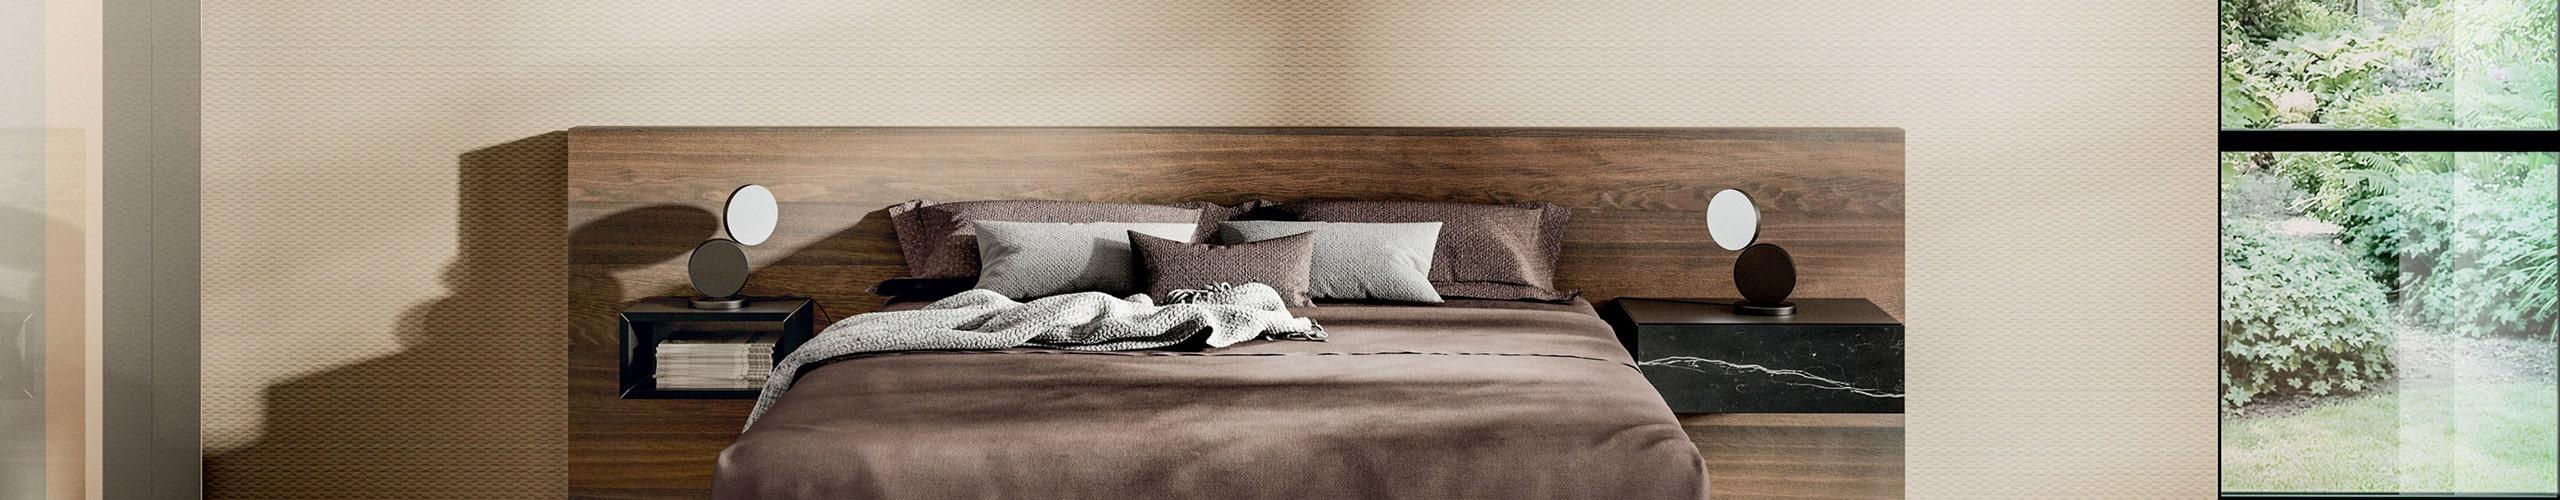 camera-da-letto-arredamento-lusso-moderno-lecce-brindisi-taranto